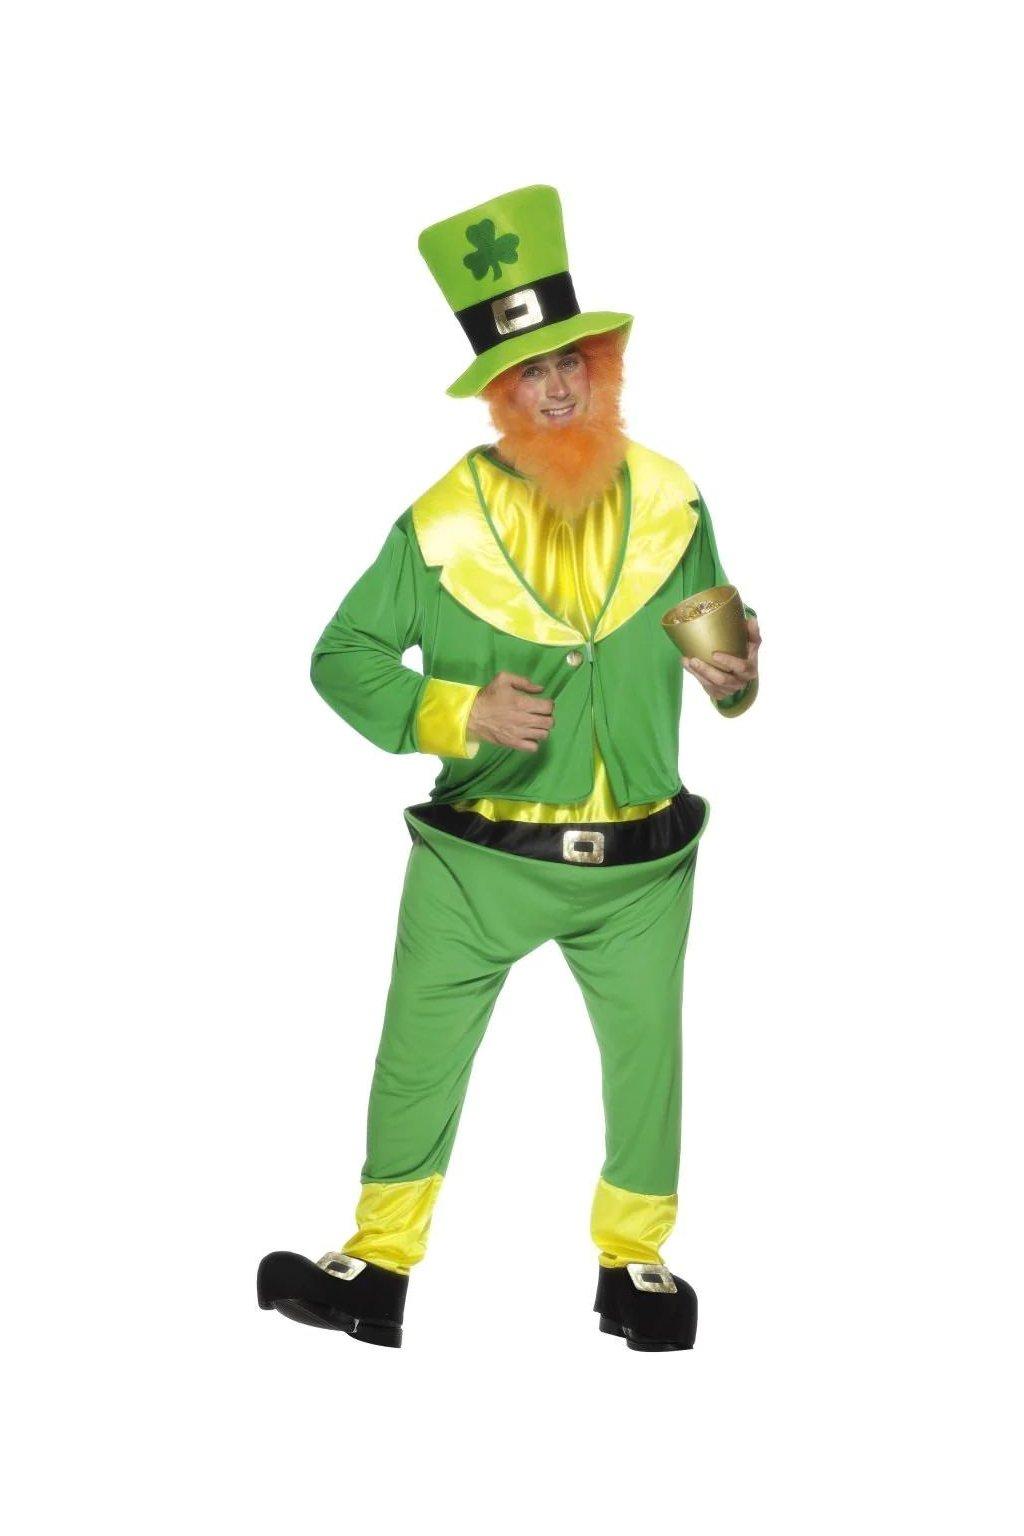 Kostým skřítka - Leprechaun St Patrick's Day